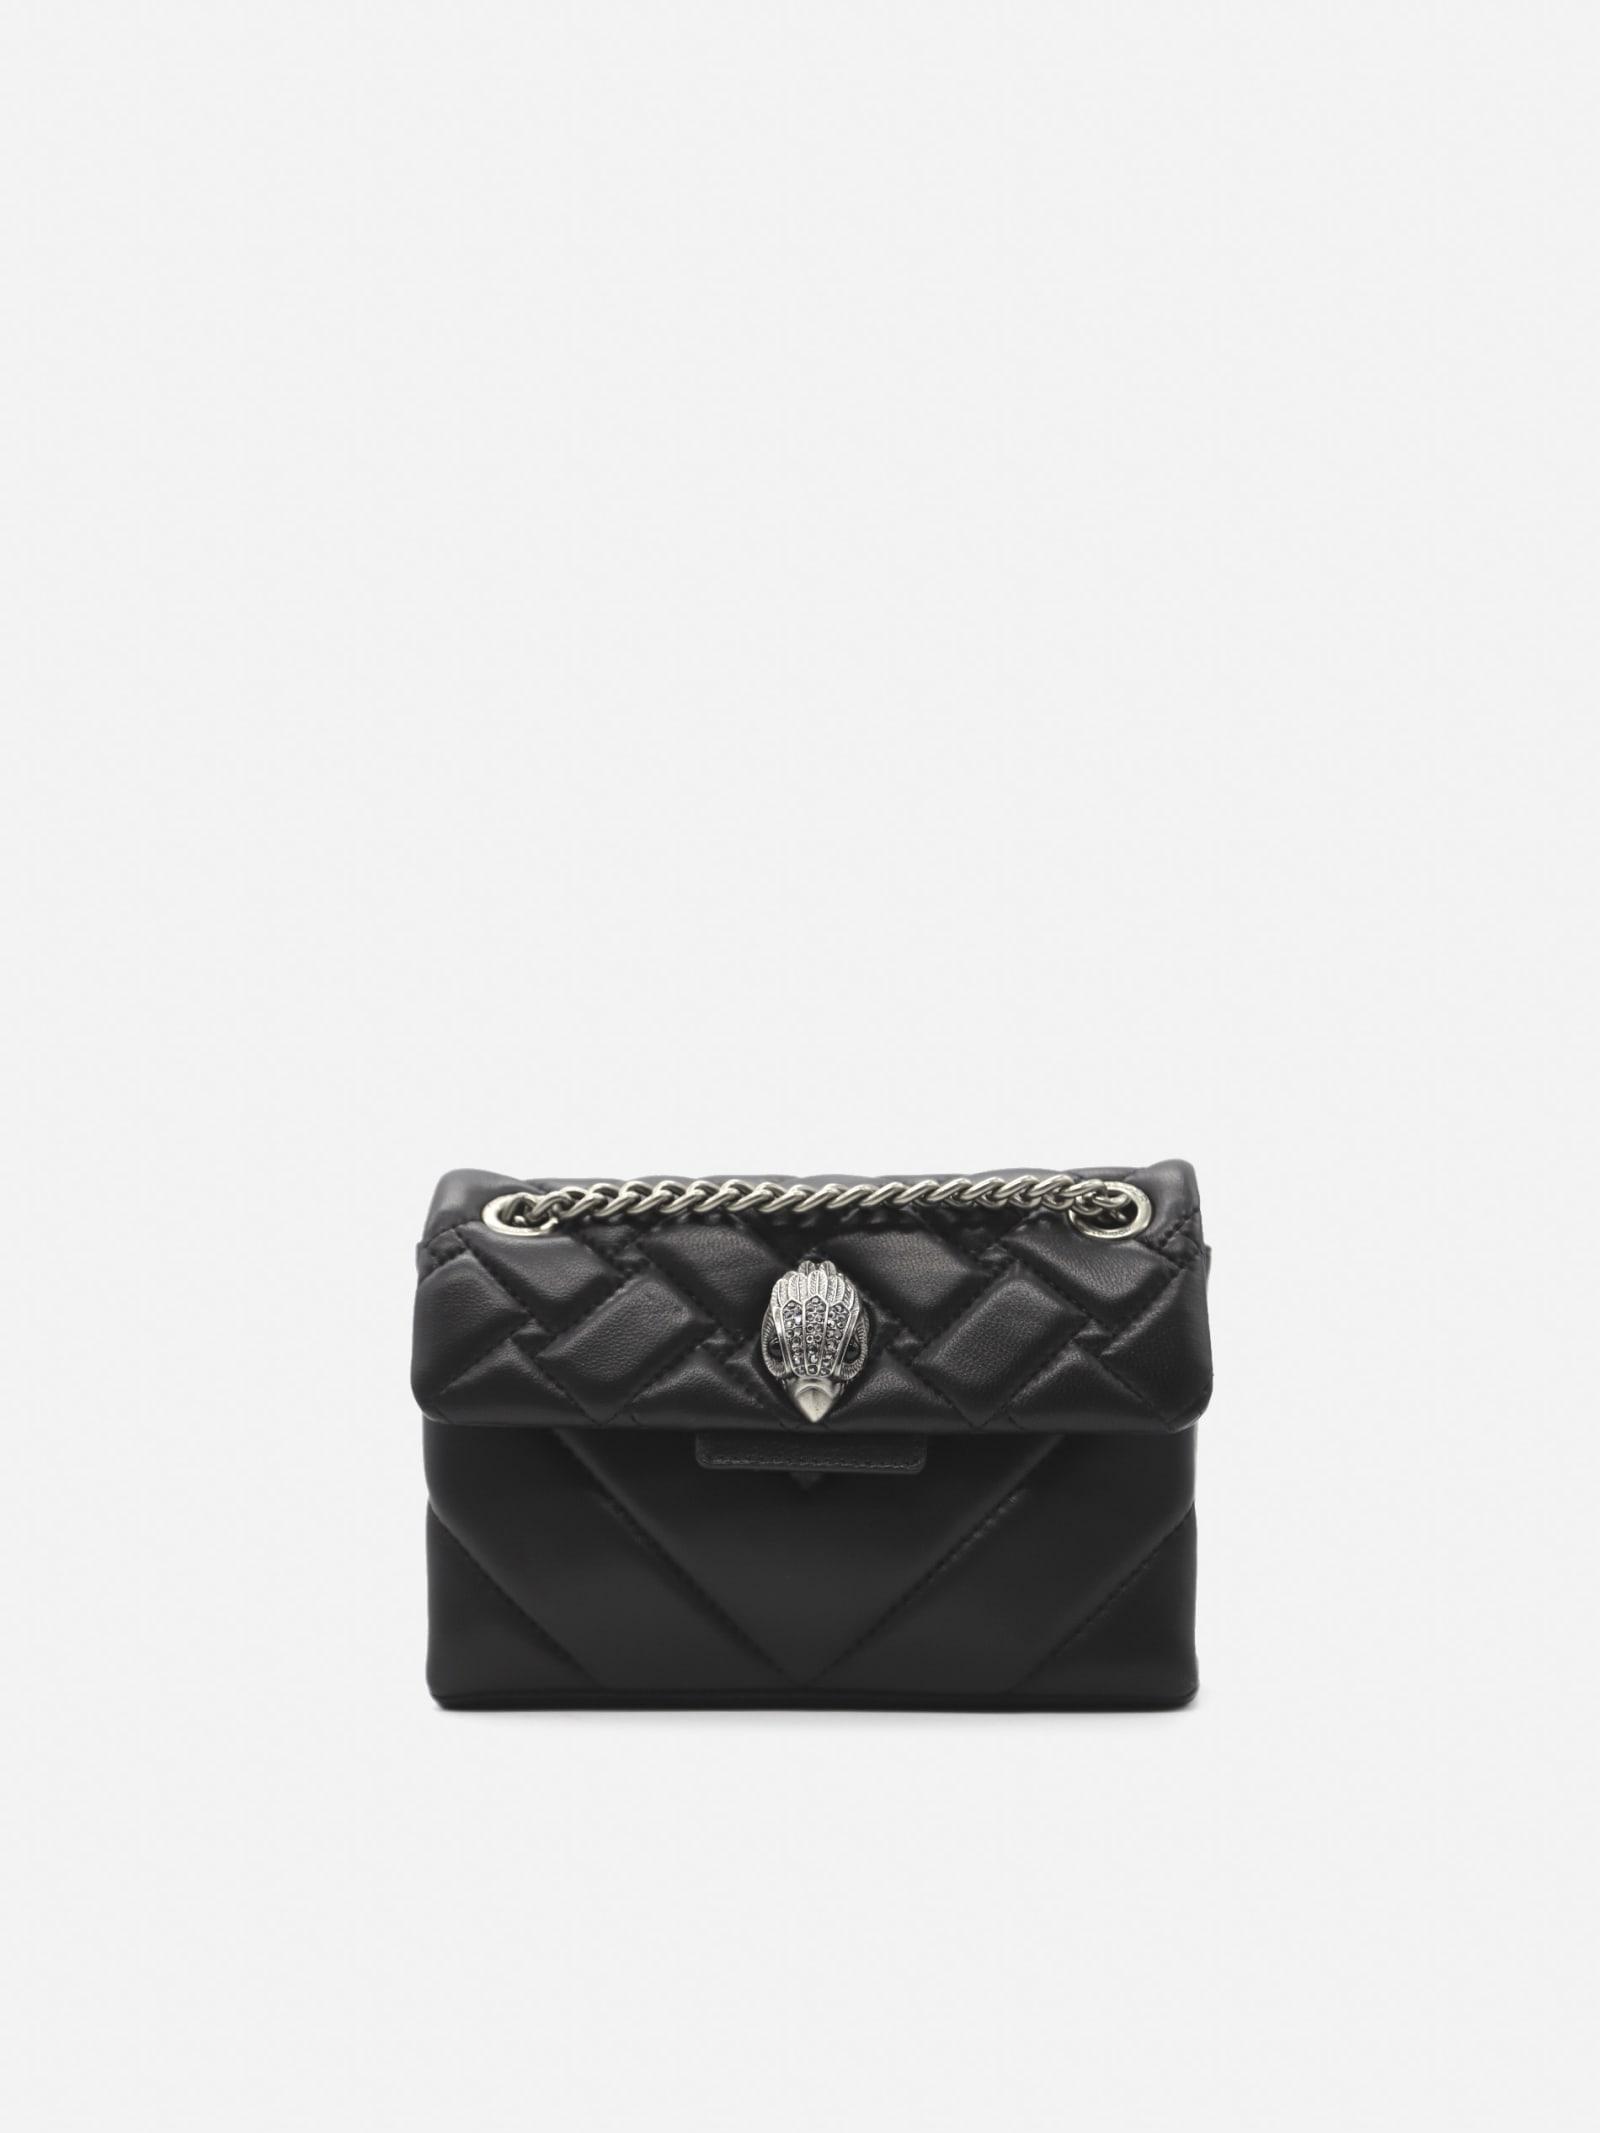 Mini Kensington Leather Bag